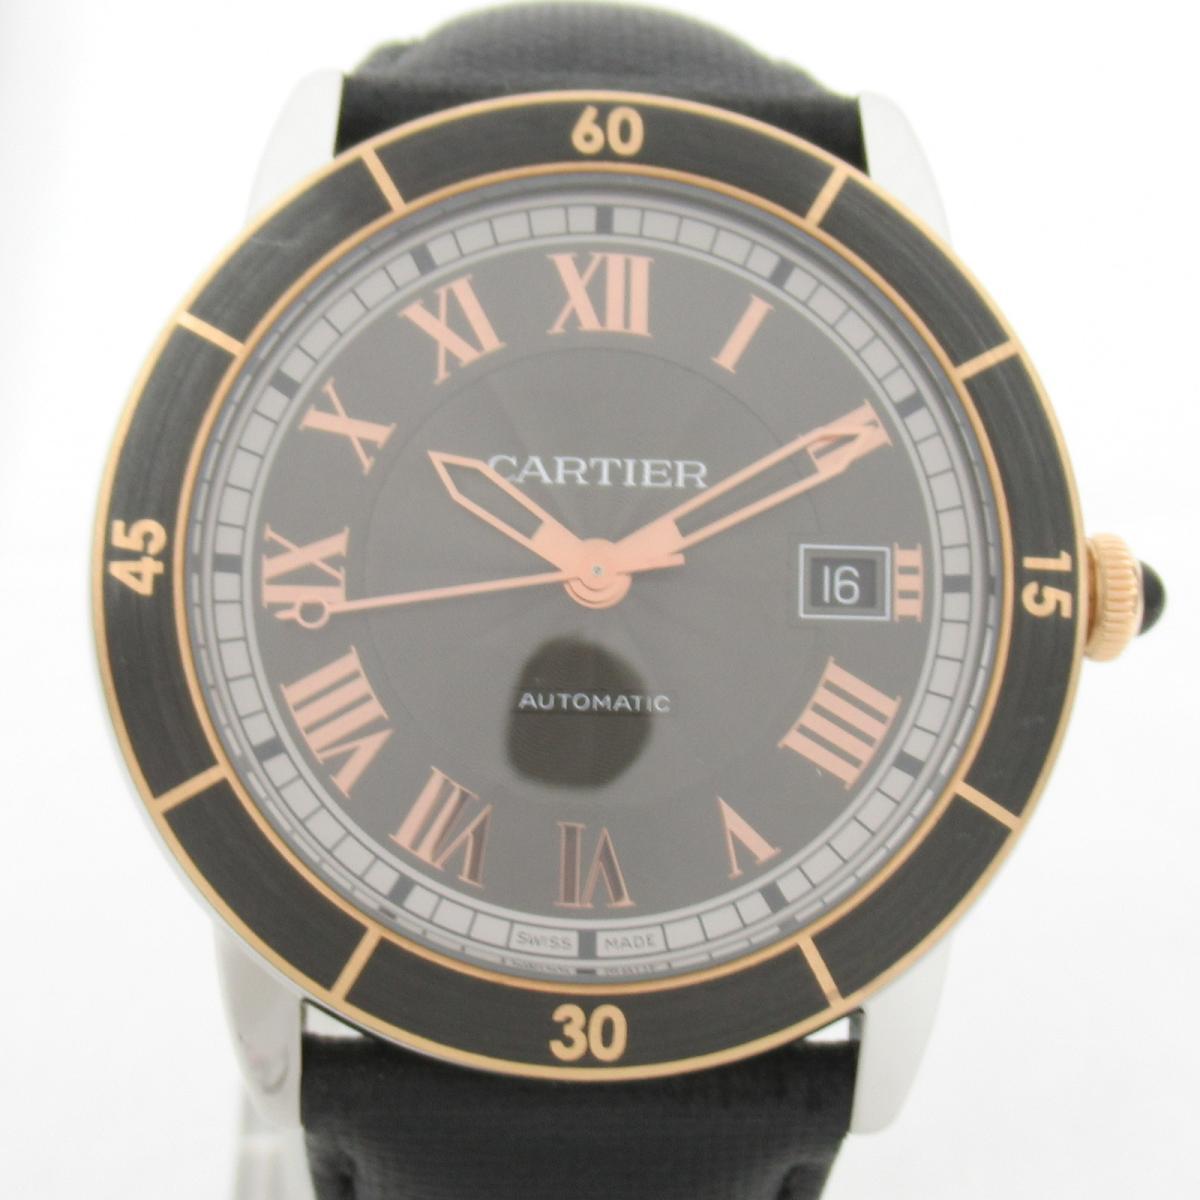 ≪期間限定≫メルマガ登録でクーポンGET! 【中古】 カルティエ ロンド クロアジュール ウォッチ 腕時計 メンズ レザーベルト ステンレススチール (SS) PG (メッキ) (W2RN0005) | Cartier BRANDOFF ブランドオフ ブランド ブランド時計 ブランド腕時計 時計